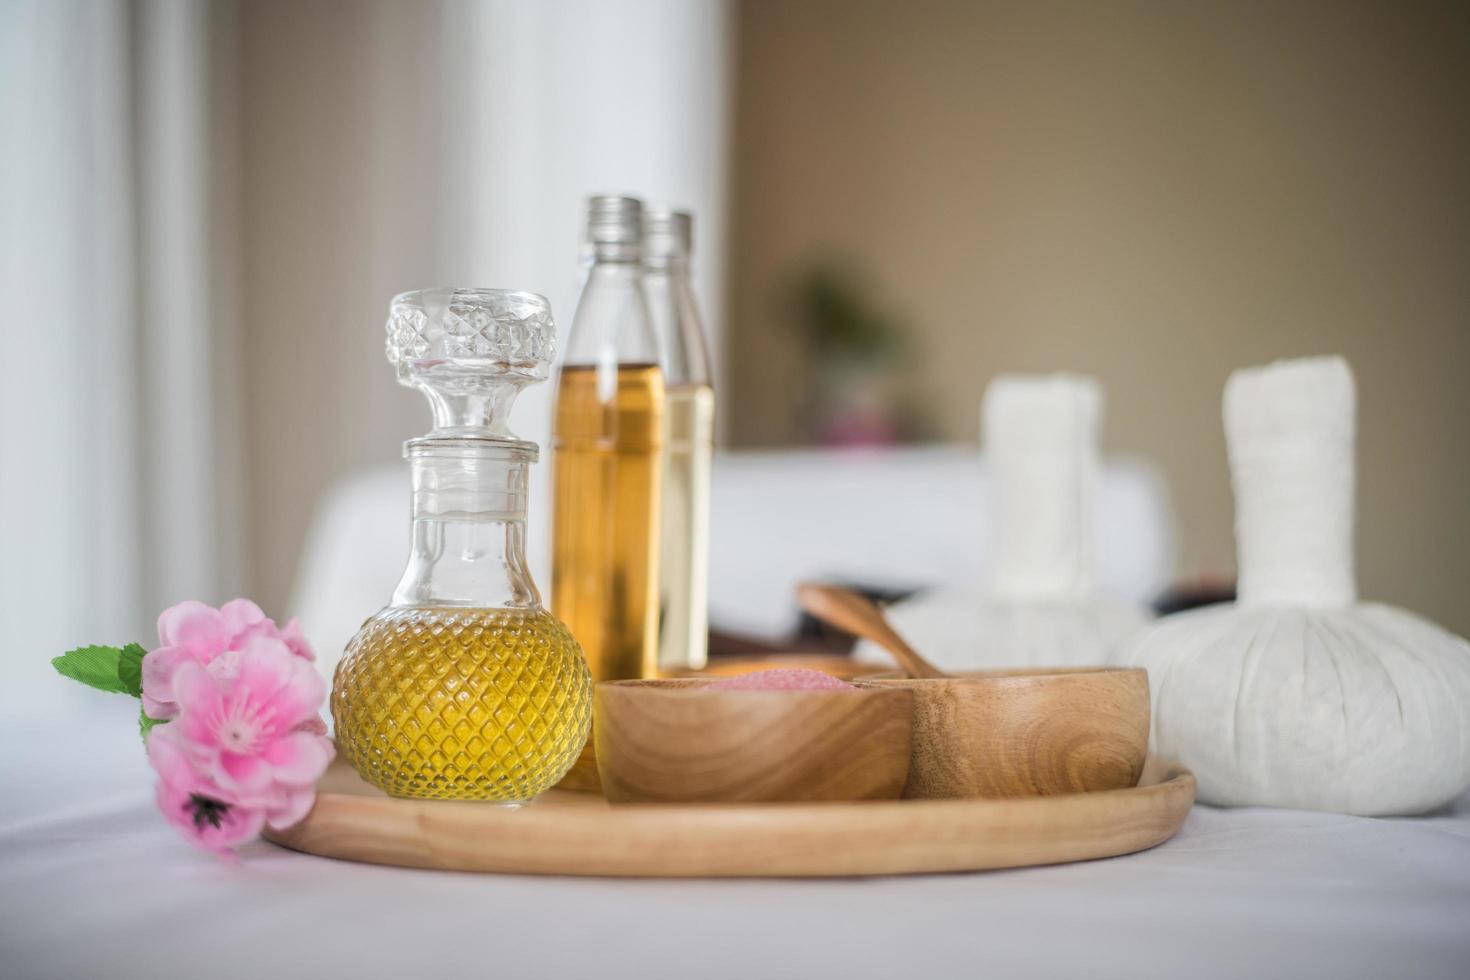 garrafa de óleo essencial e tratamentos de spa foto